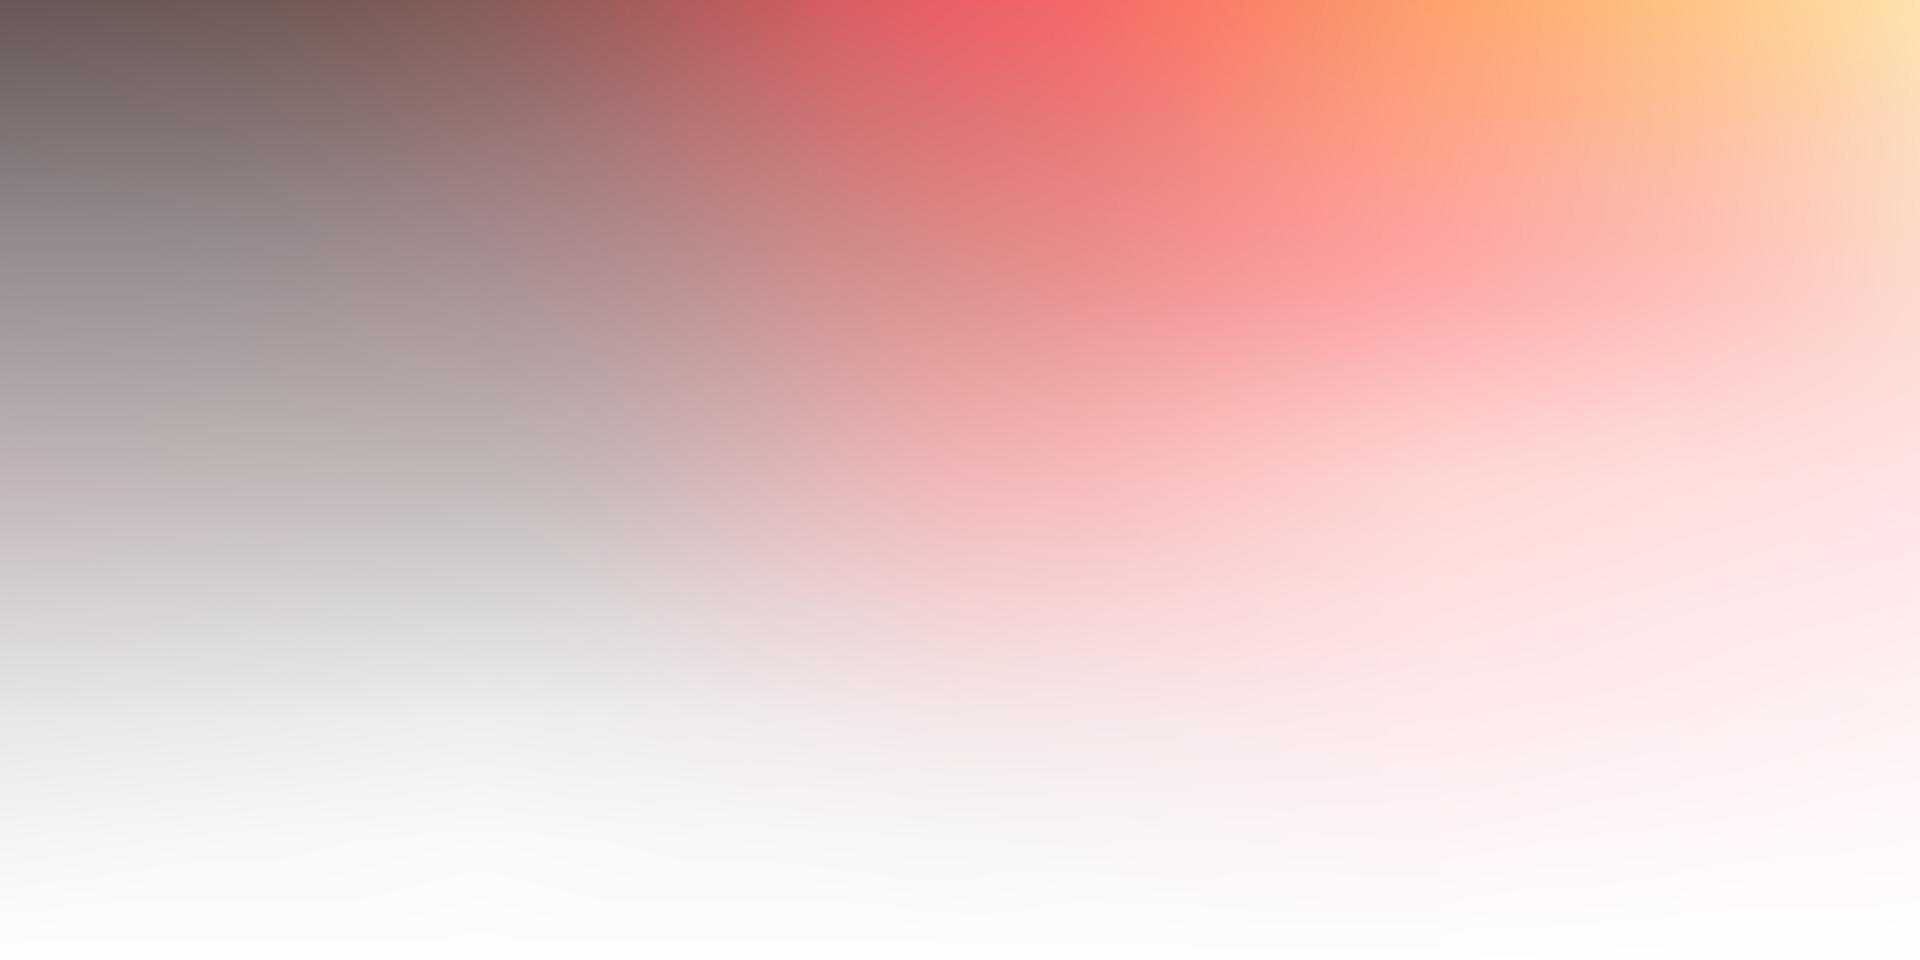 fundo desfocado vector rosa e amarelo escuro.